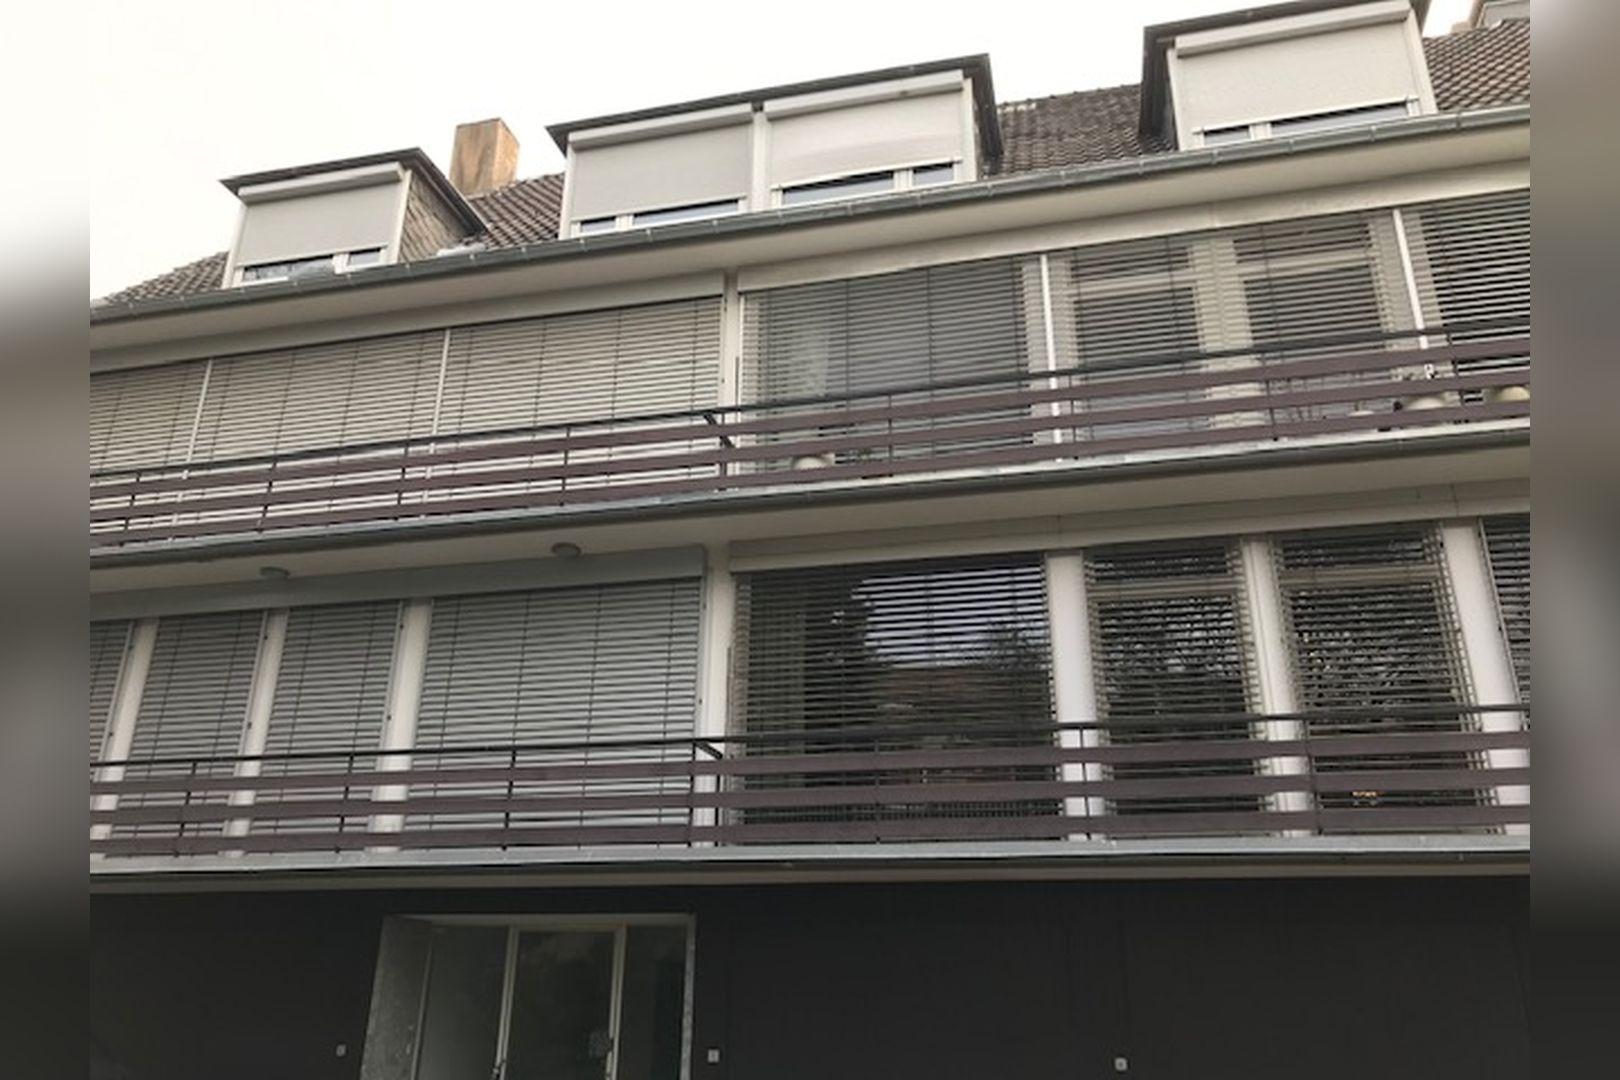 Immobilie Nr.0244 - Einraum-Appartement in Rheinnähe, Wodanstraße - Bild 3.jpg